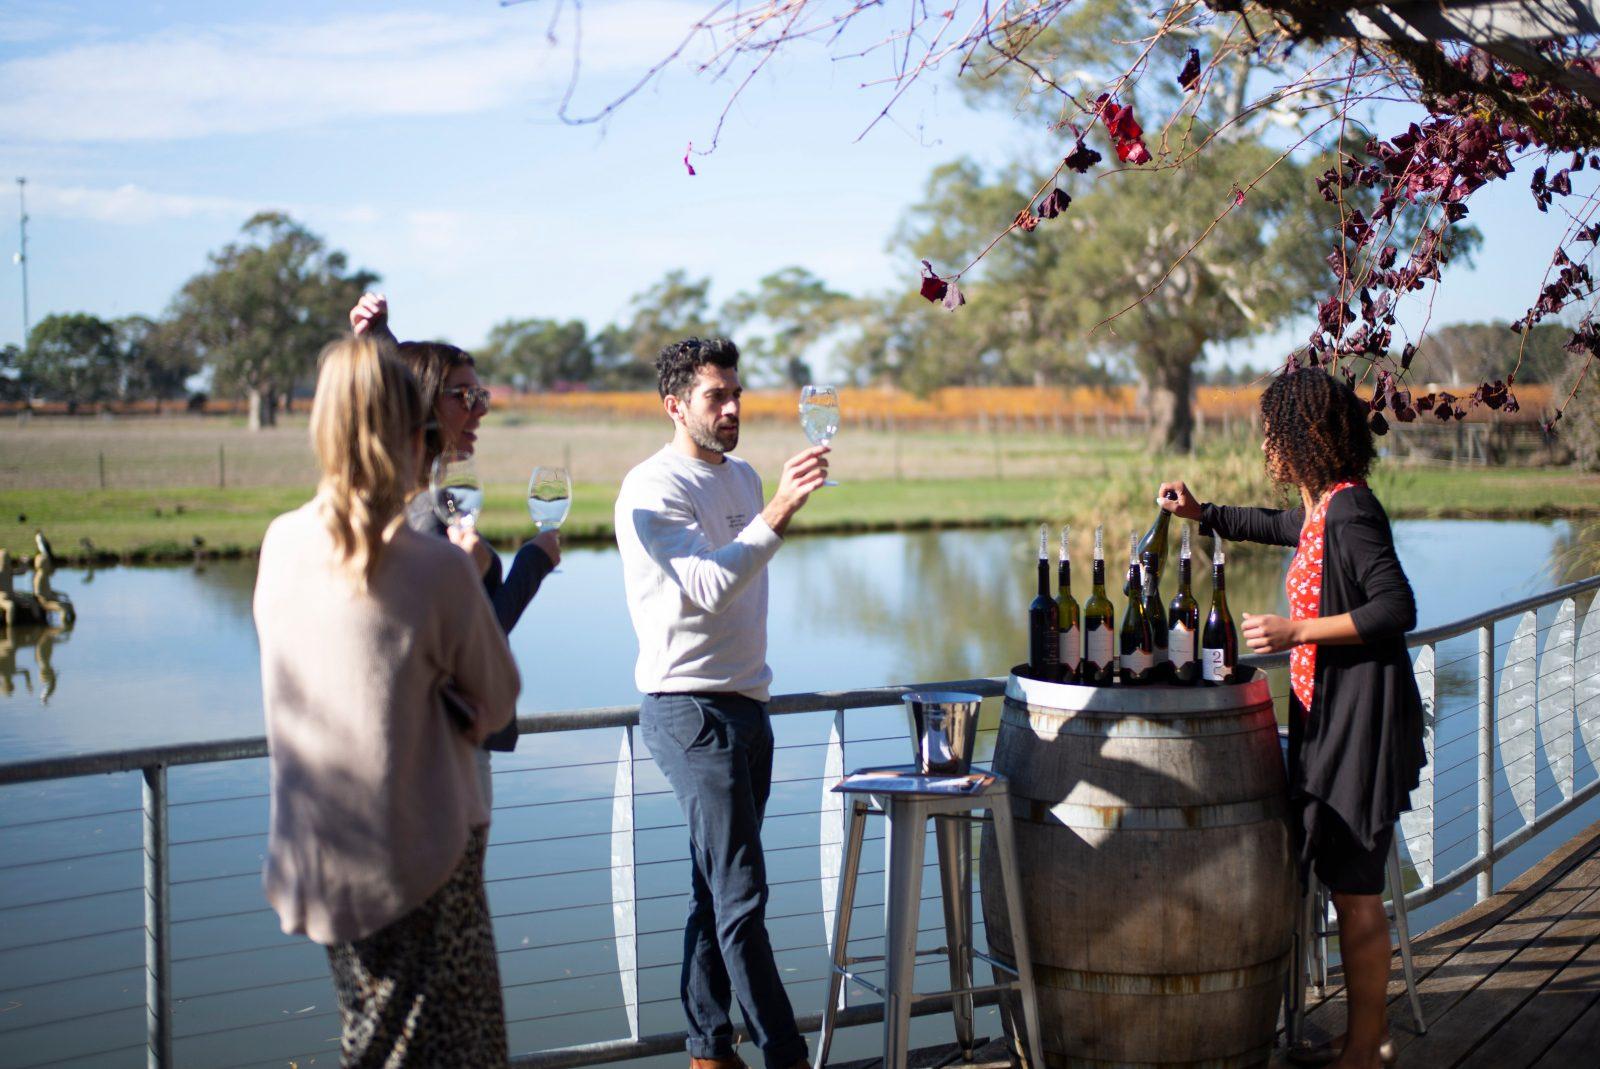 wine tasting on the deck